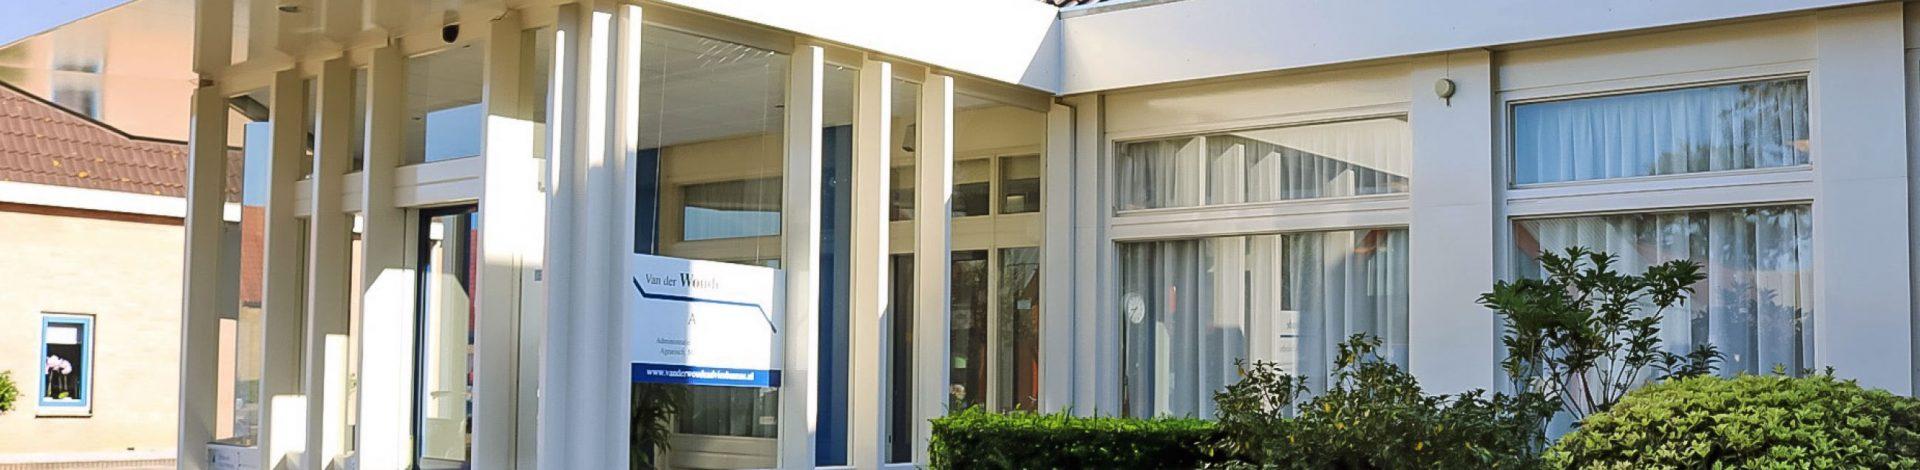 Van der Woude Adviesbureau | Contact